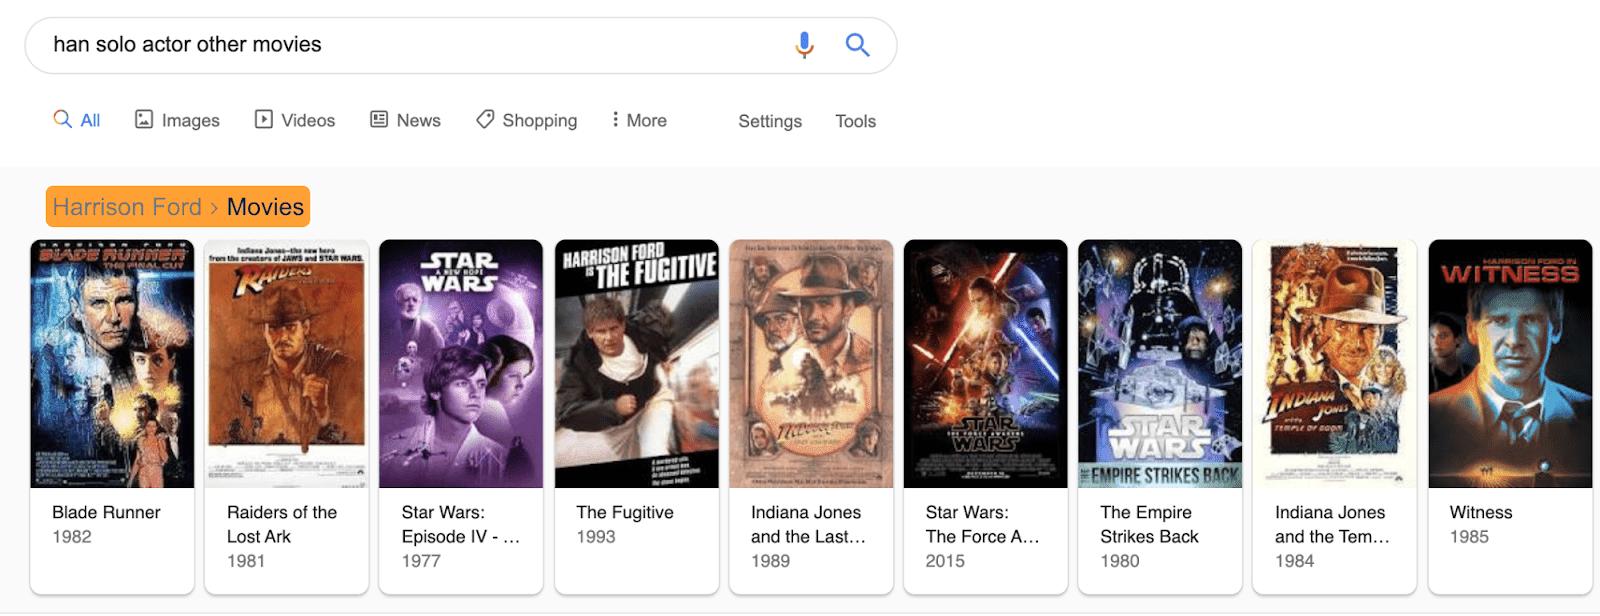 1 han solo movies 1